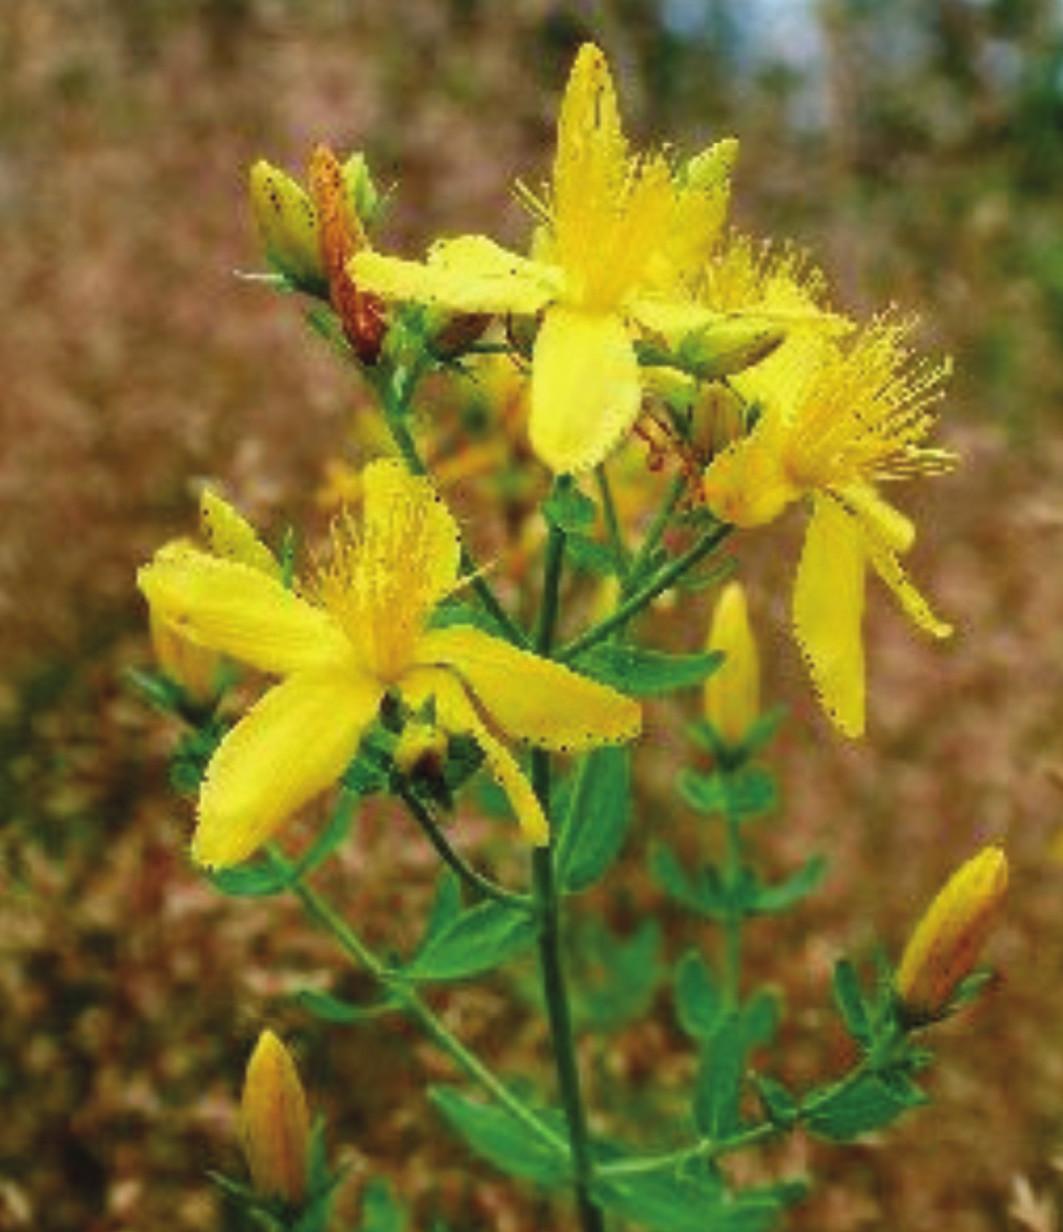 Hypericeae (Hypericum perforatum)